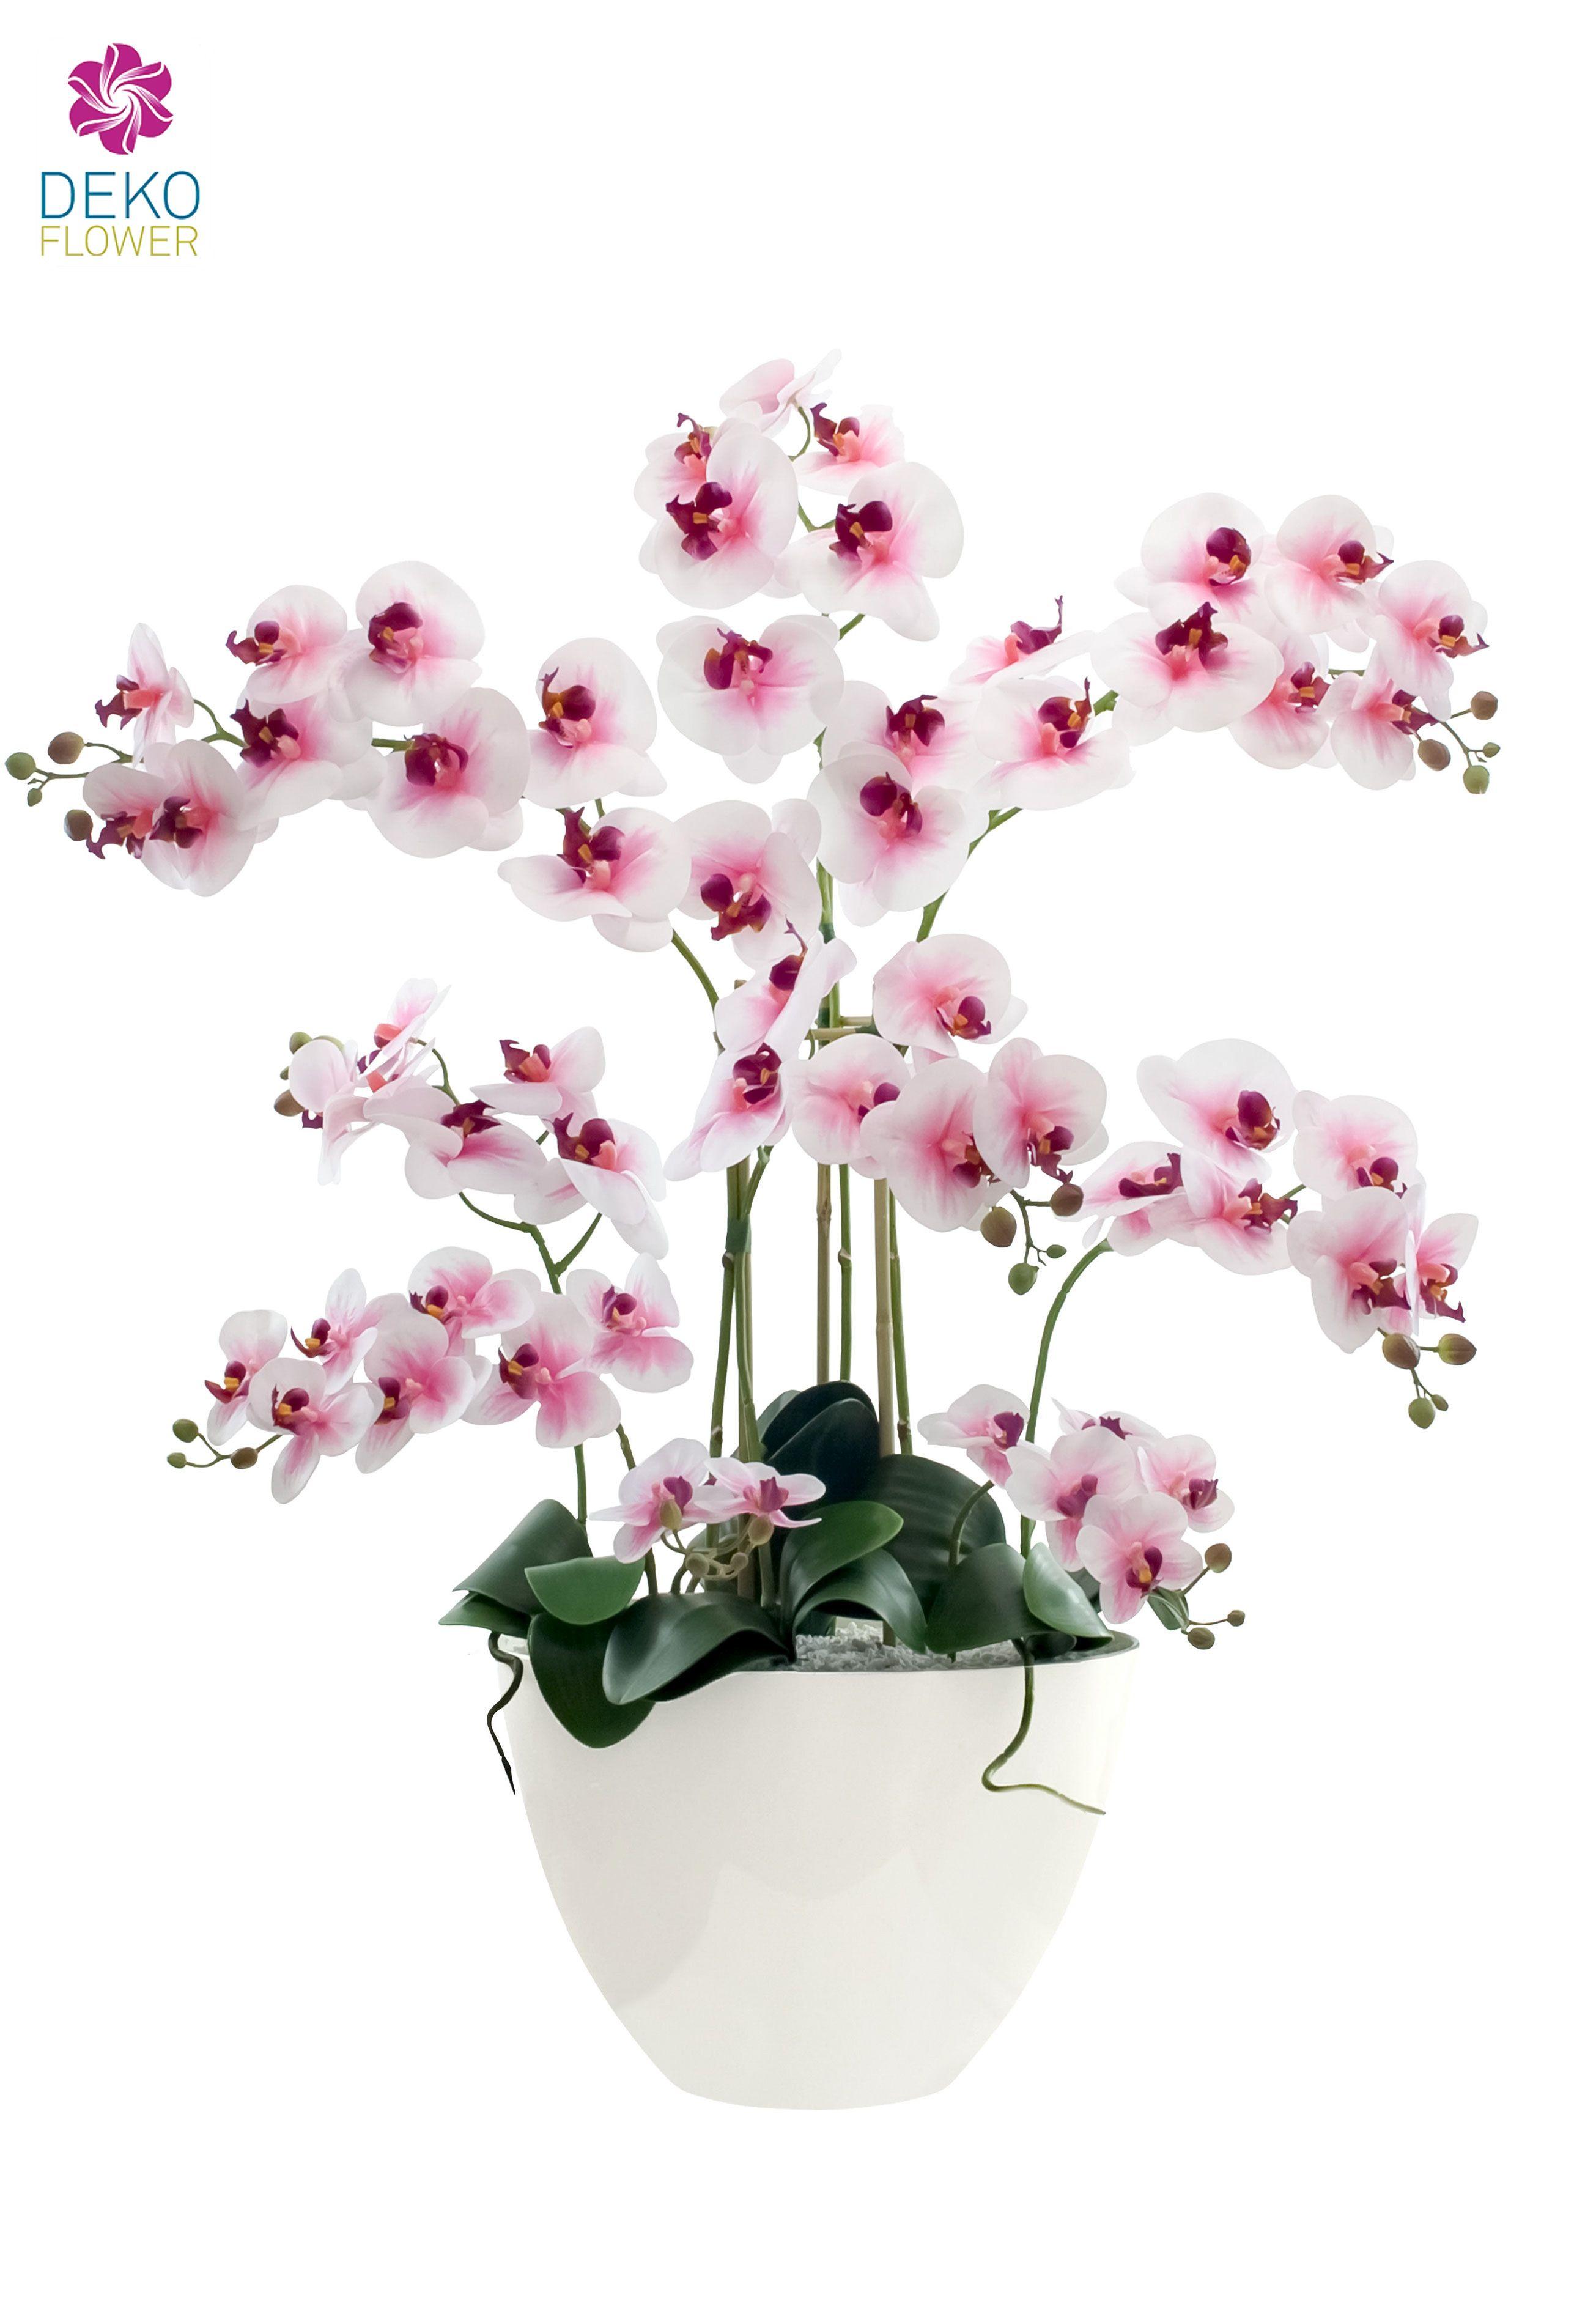 pin von dekoflower kunstpflanzen auf k nstliche orchideen. Black Bedroom Furniture Sets. Home Design Ideas